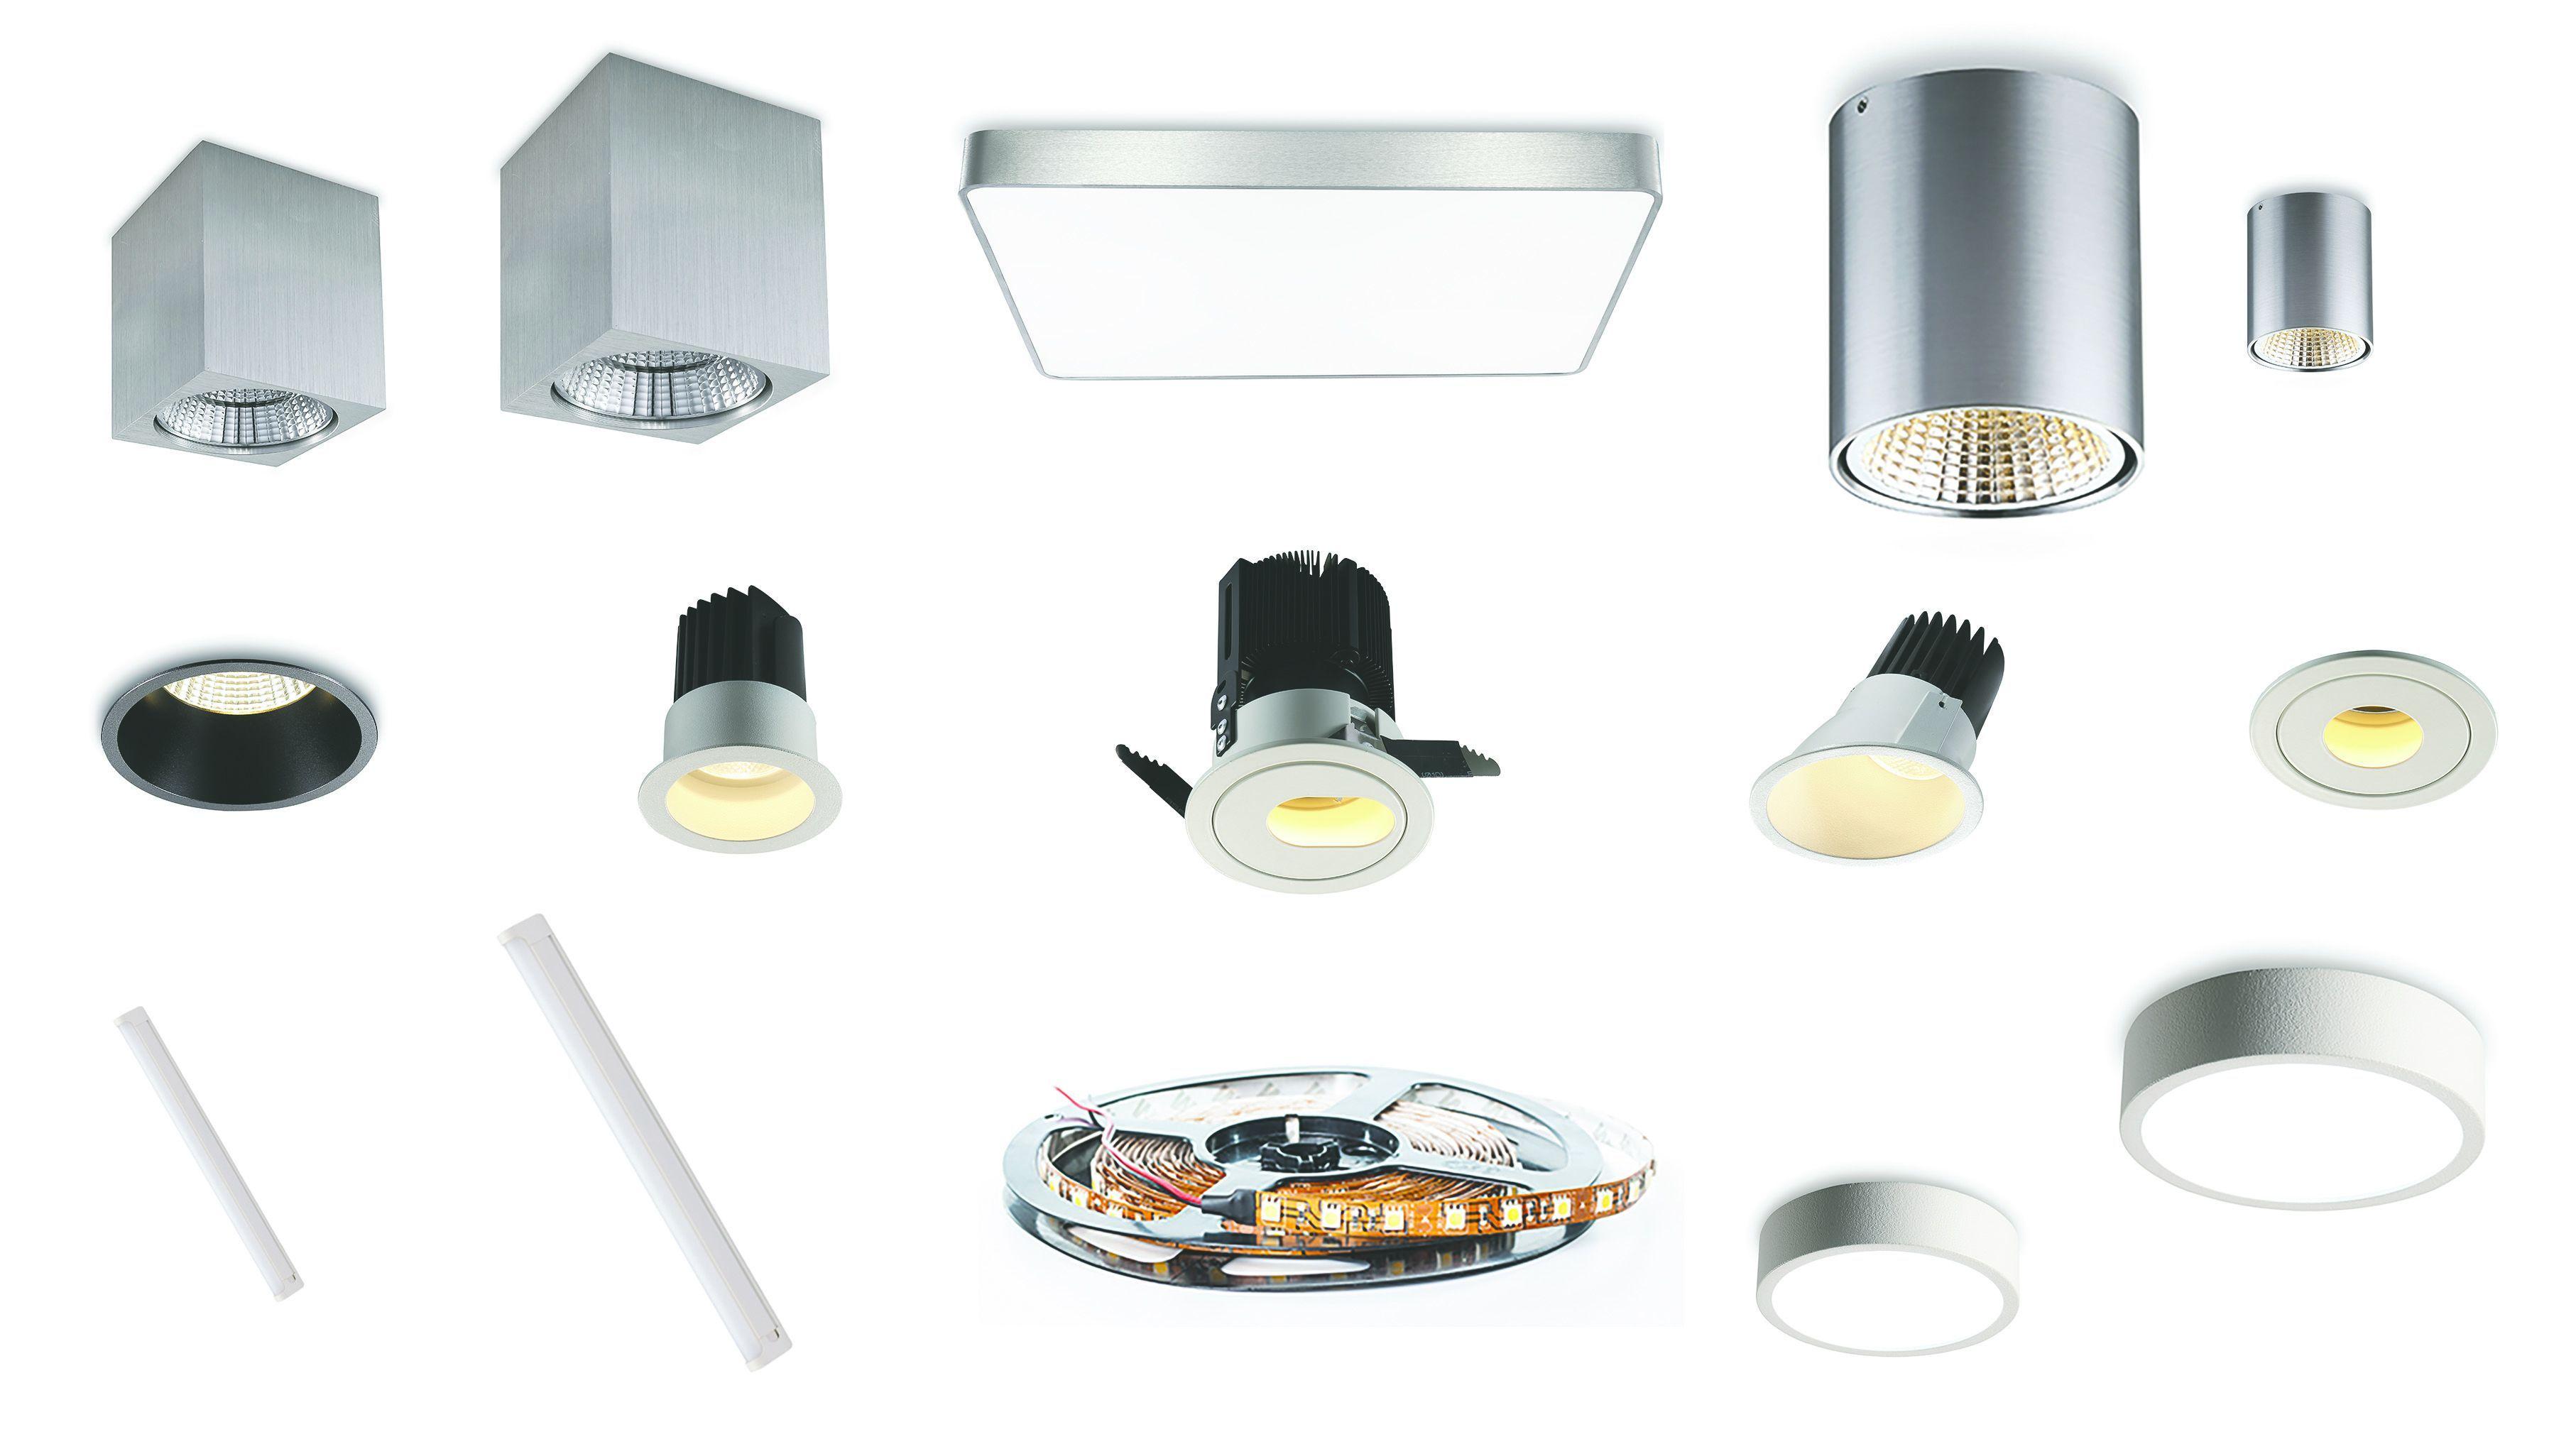 Kokkenlamper I Led Giver Flot Og Varmt Lys Kokkenlamper Led Kokkenet Lys Ledsection Lamper Lys Haengelamper